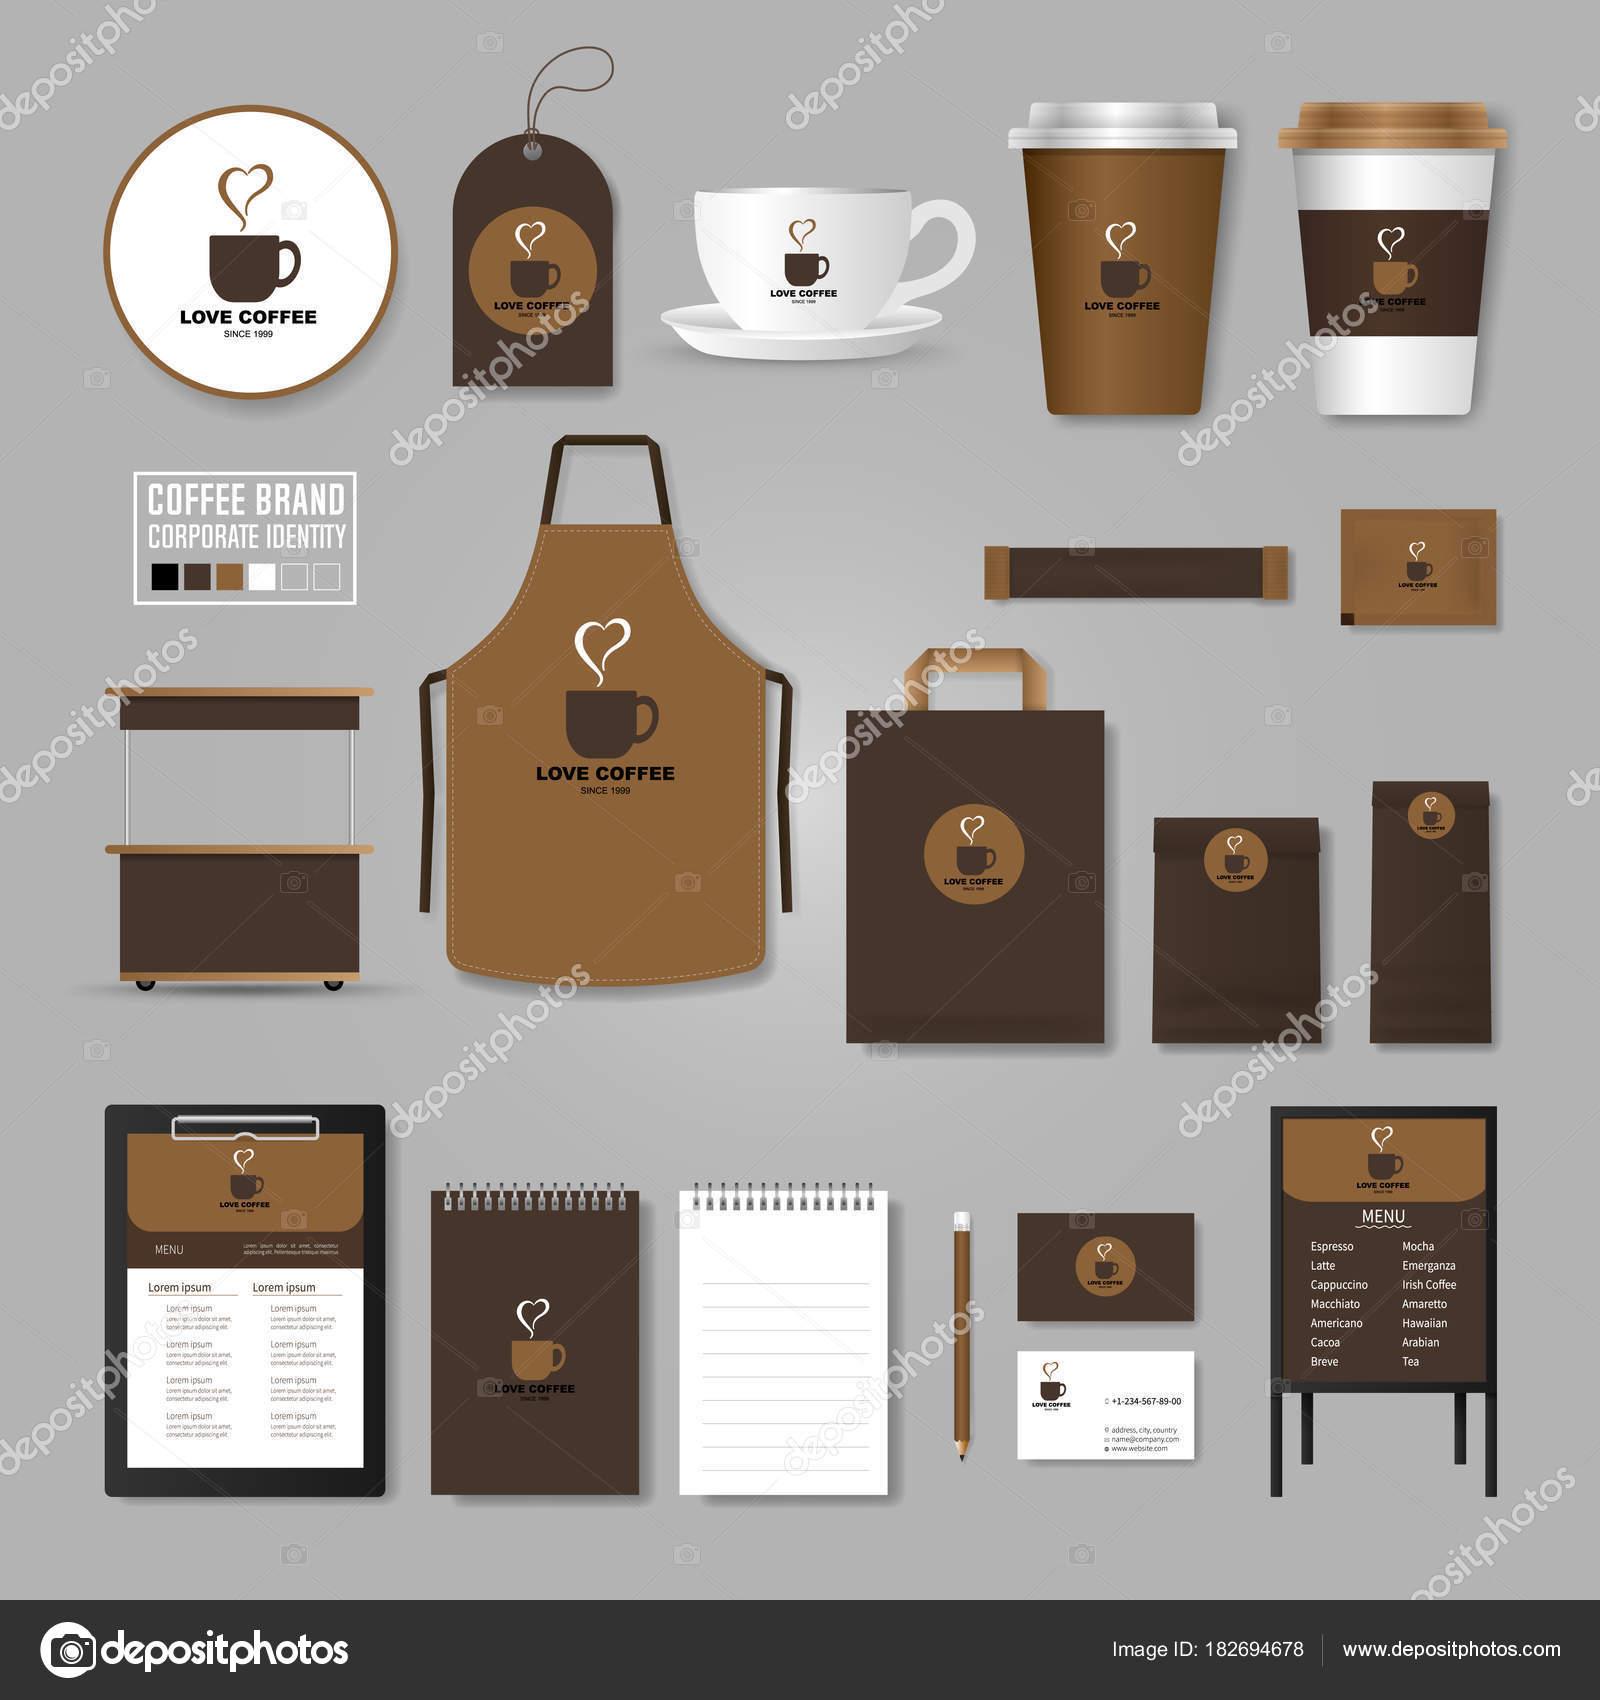 Åablona firemn identity Koncept loga pro coffee shop kavárna